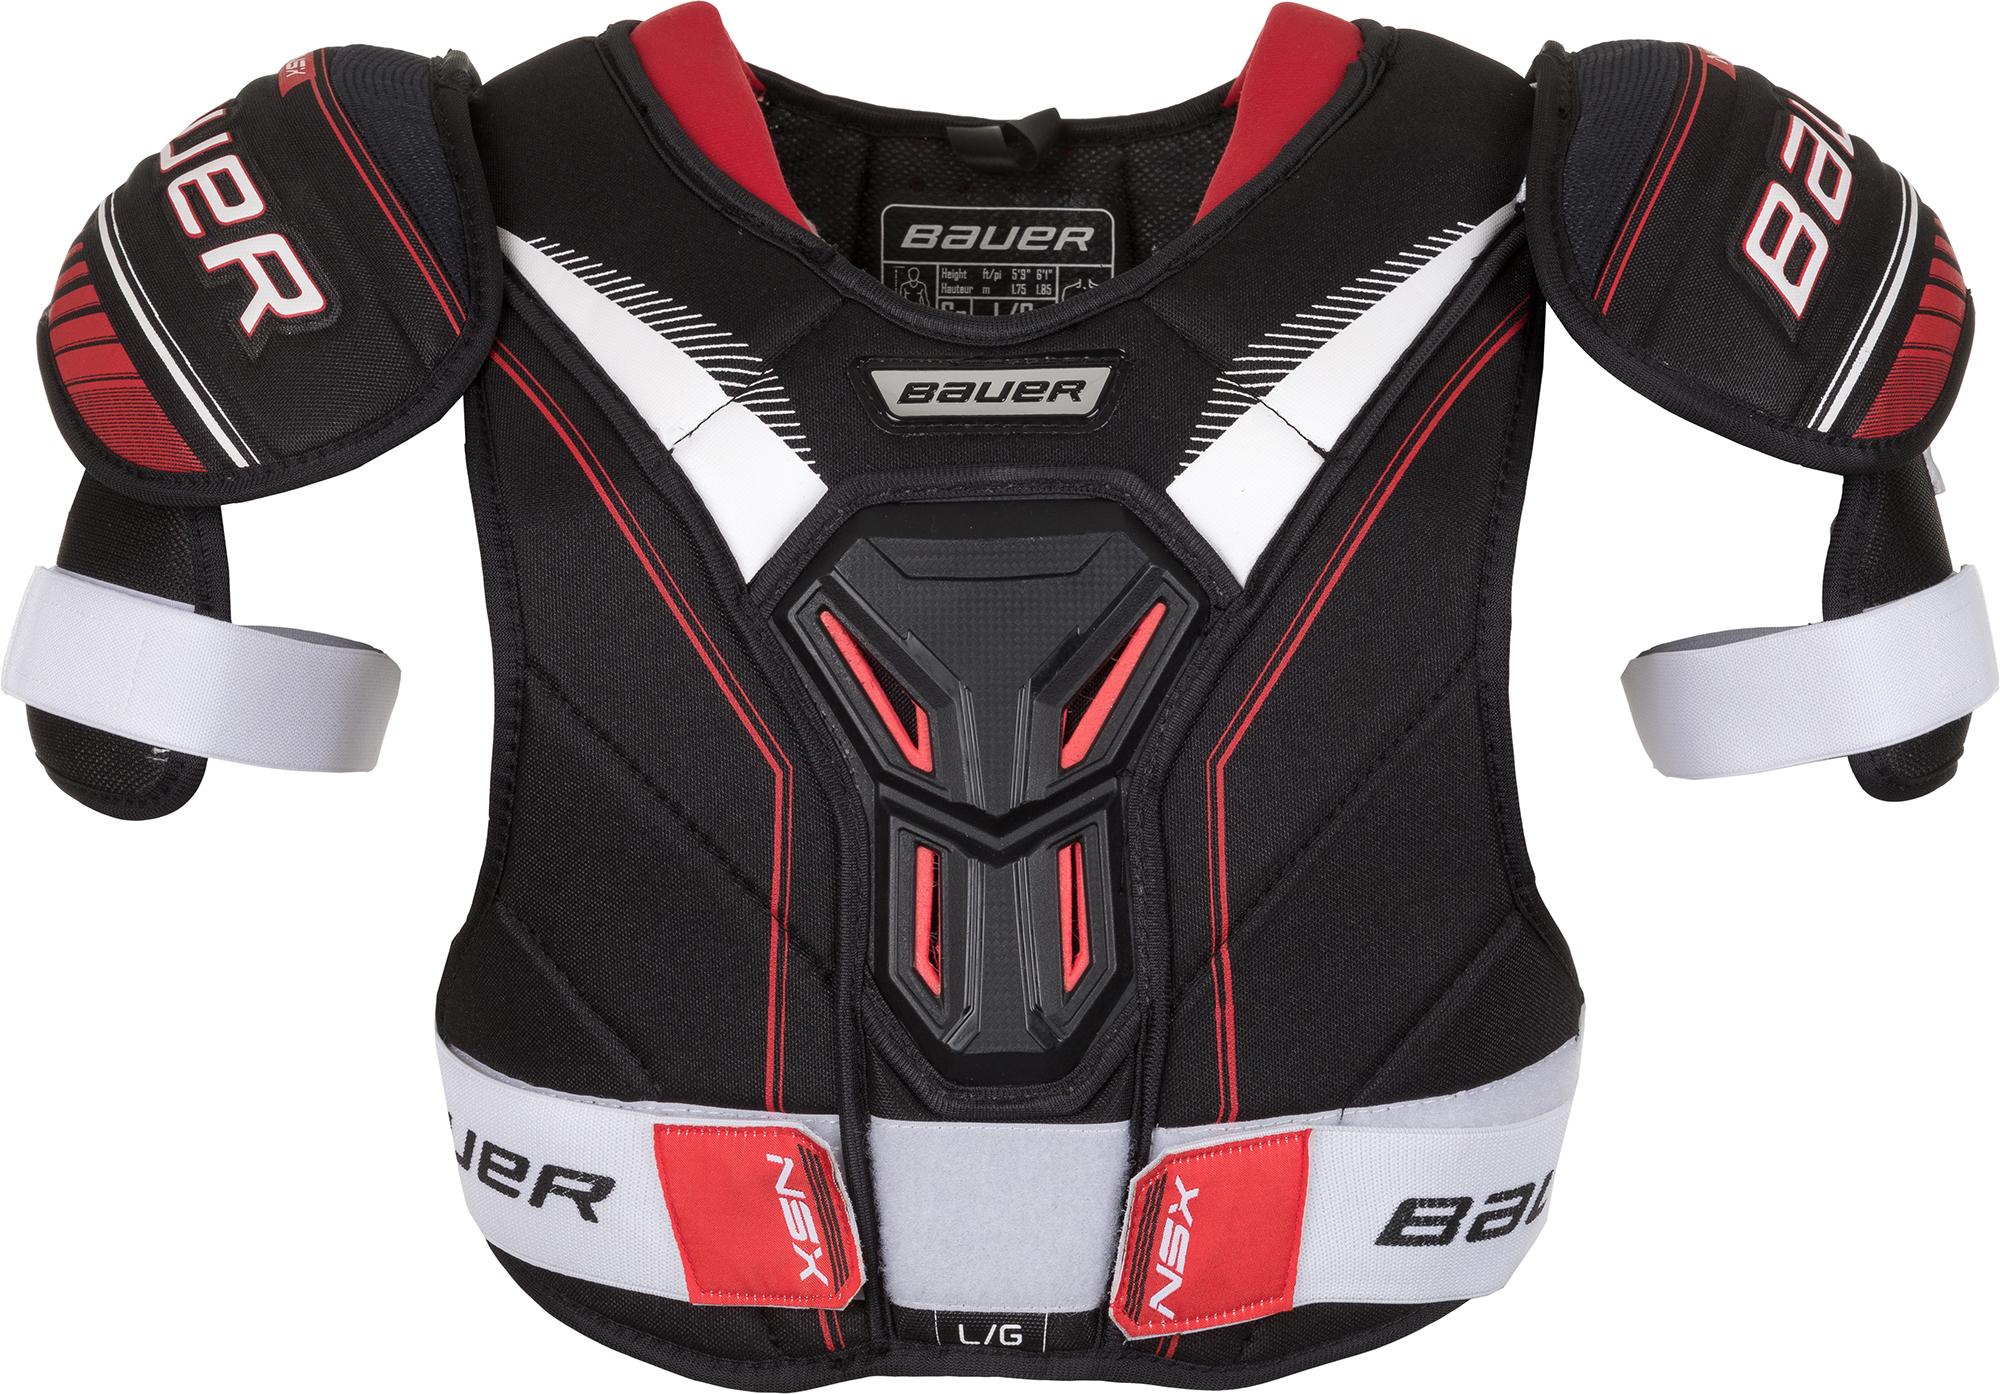 Bauer Защита торса хоккейная Bauer NSX